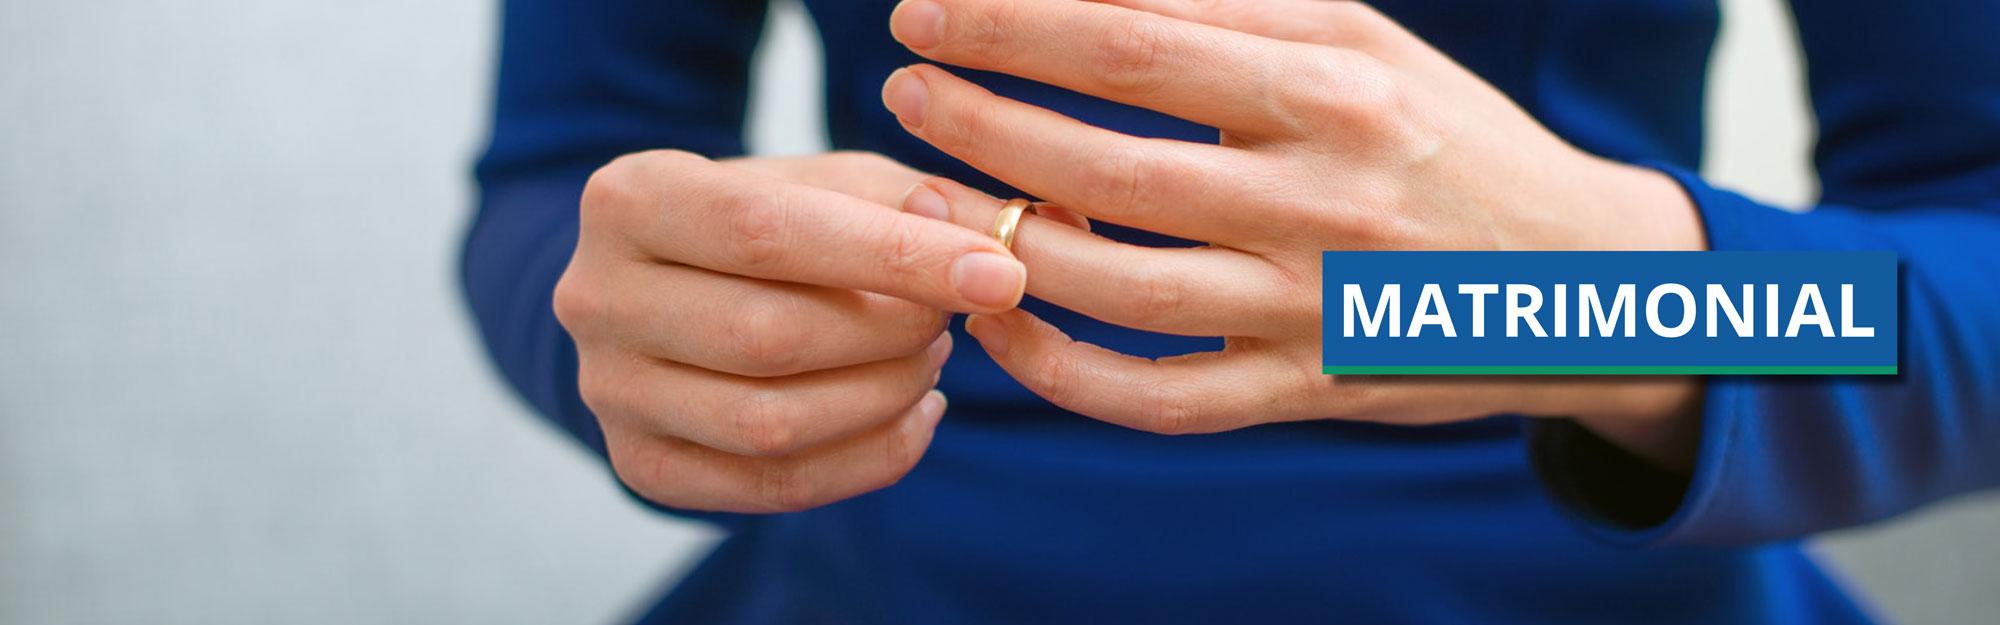 Matrimonial Services Glasgow